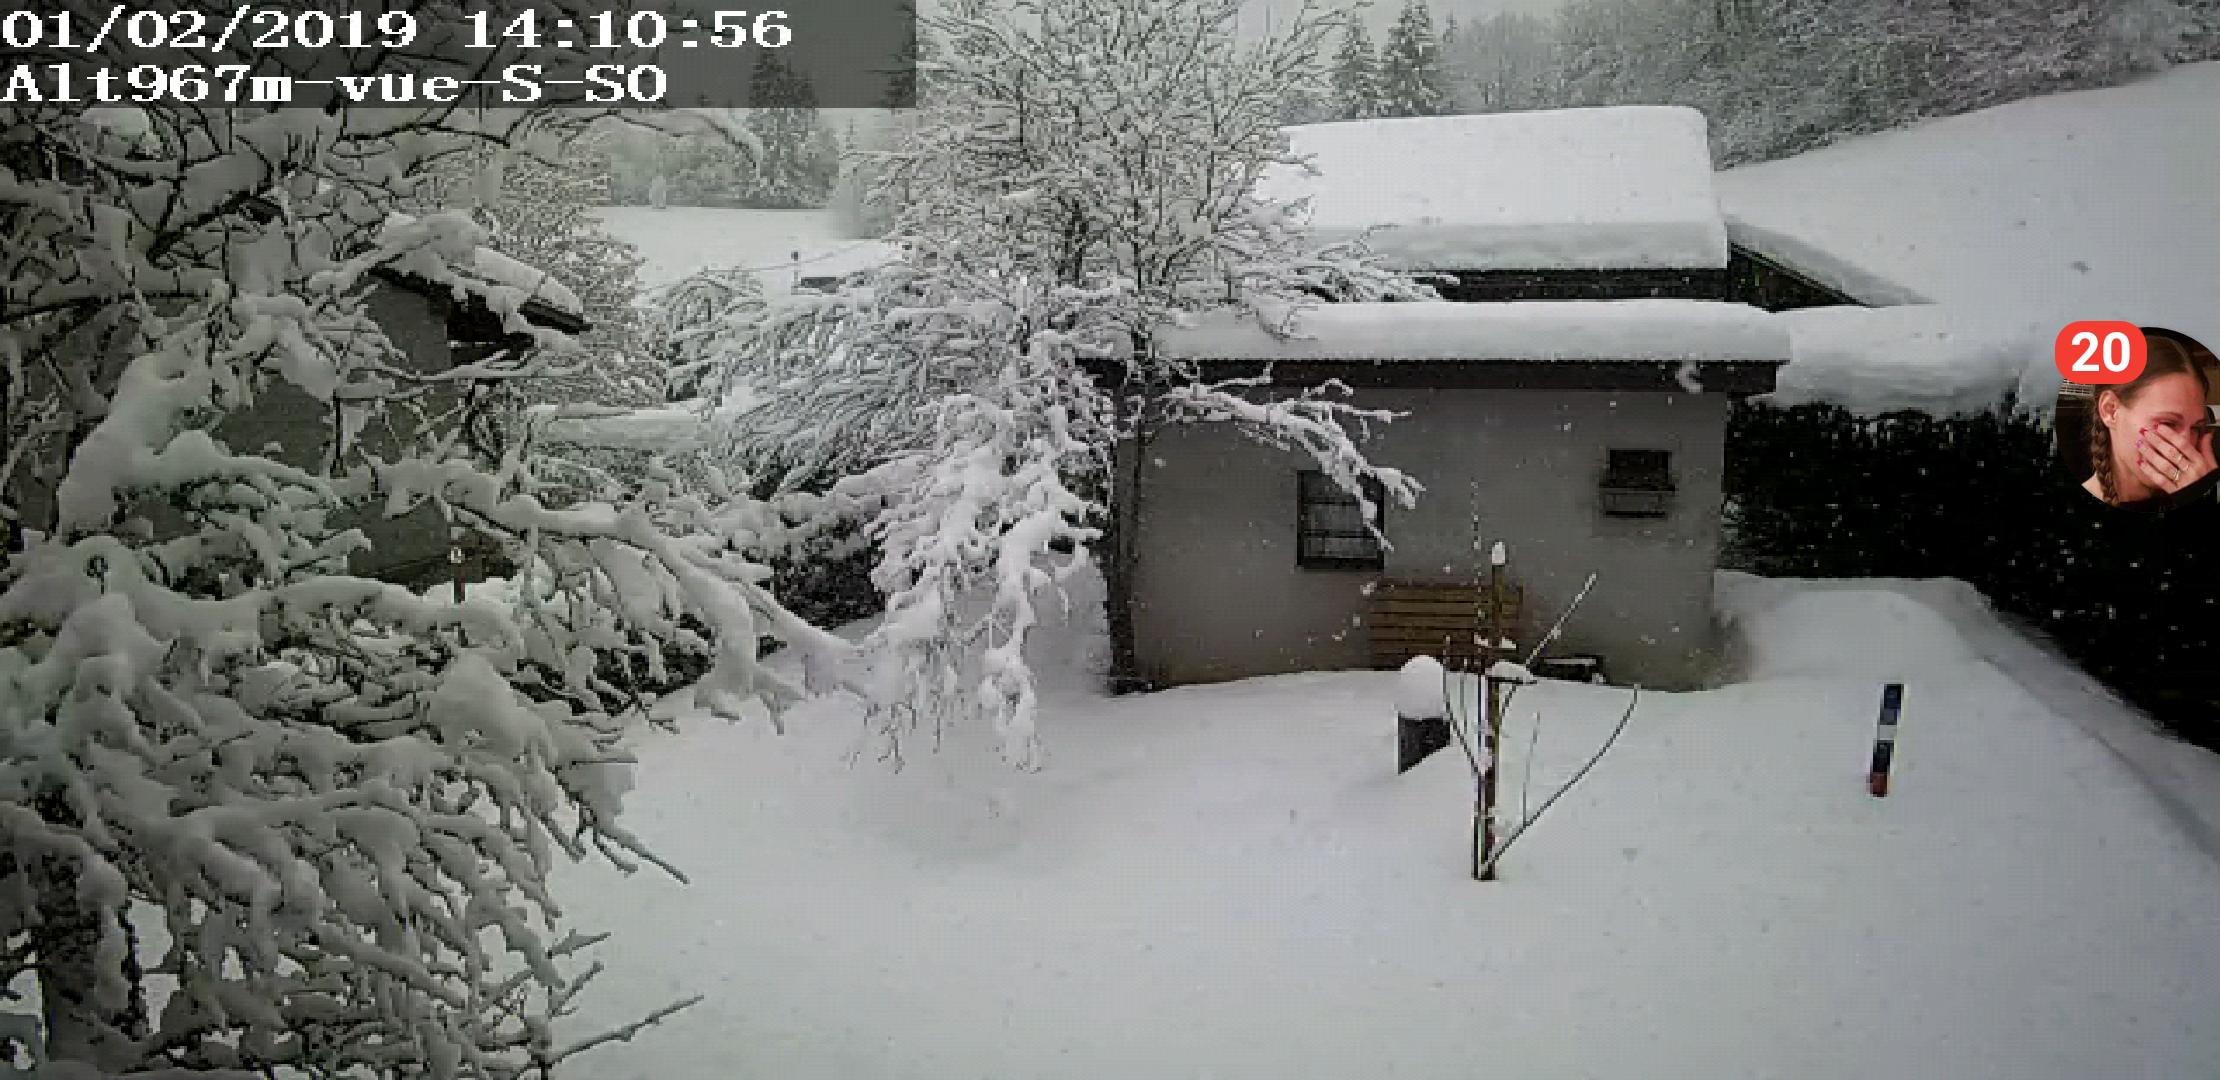 Screenshot-20190201-141106-Foscam-Viewer-1.jpg